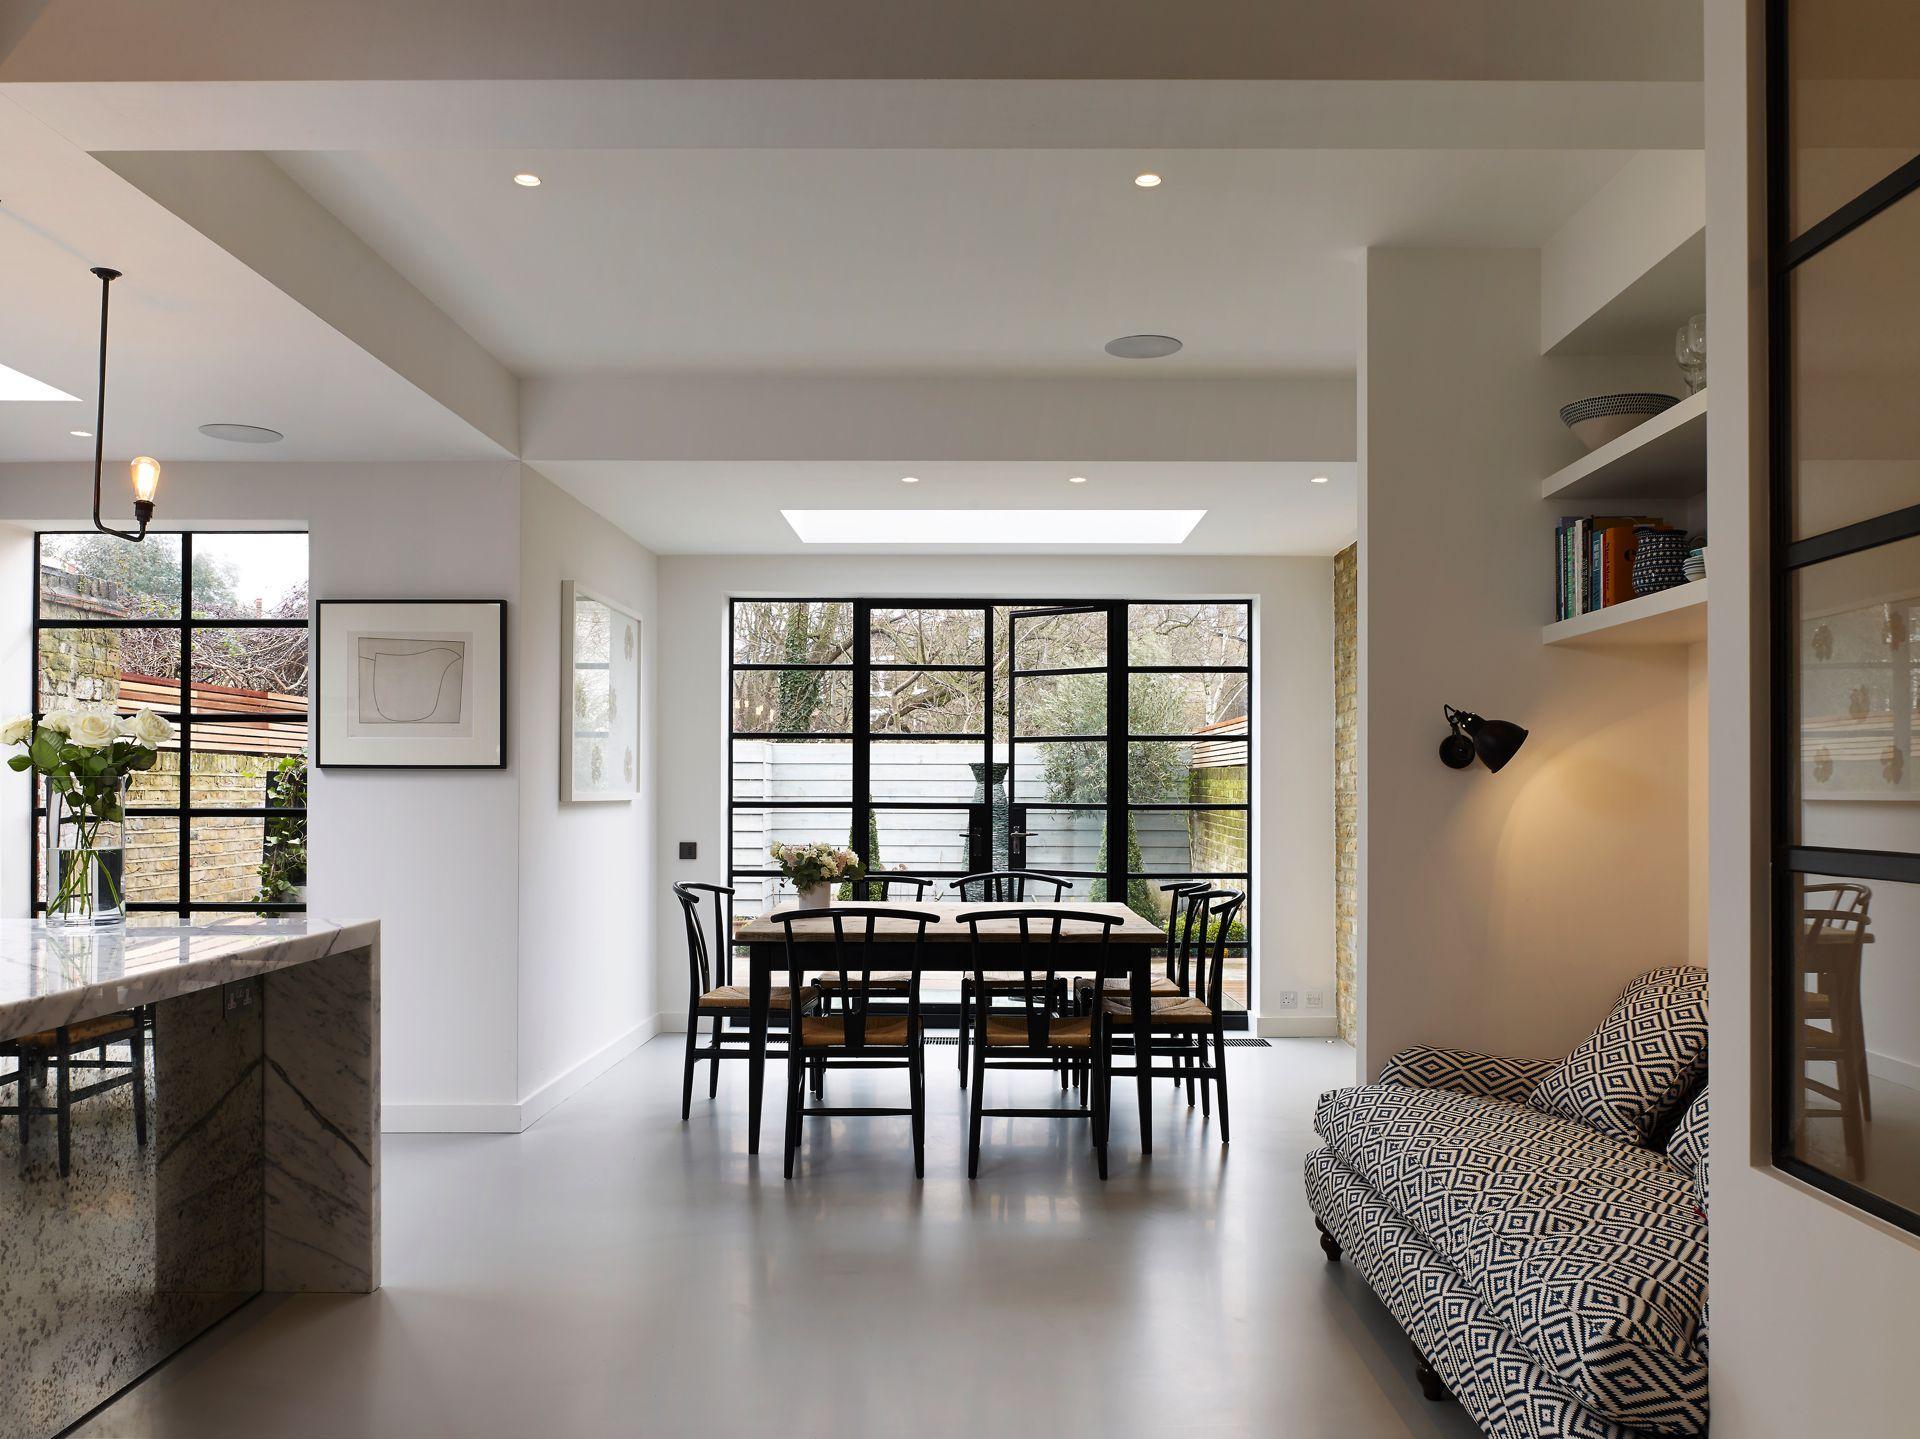 Entzückend Küchen Decken Ideen Von North Kensington Home - Stiff + Trevillion